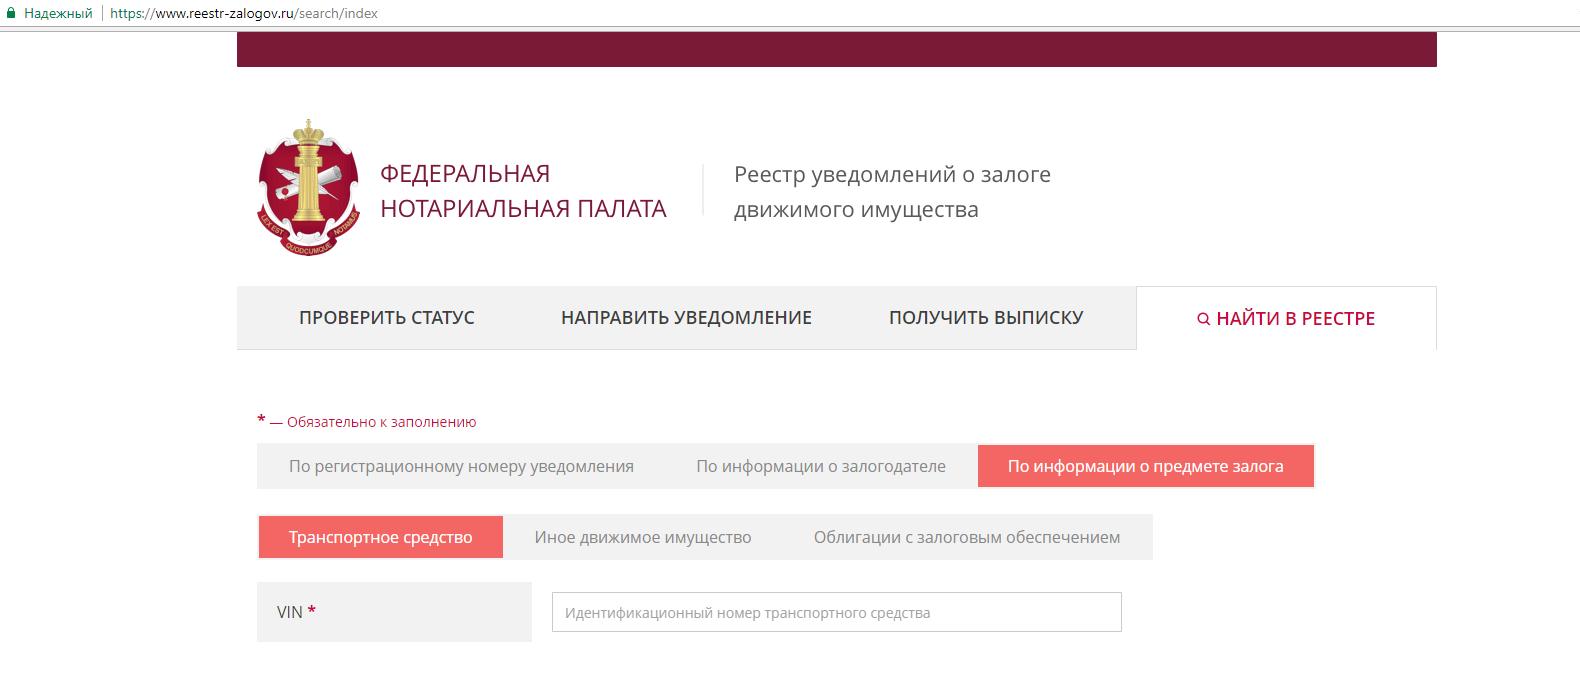 новые займы онлайн на карту круглосуточно по всей россии с плохой кредитной